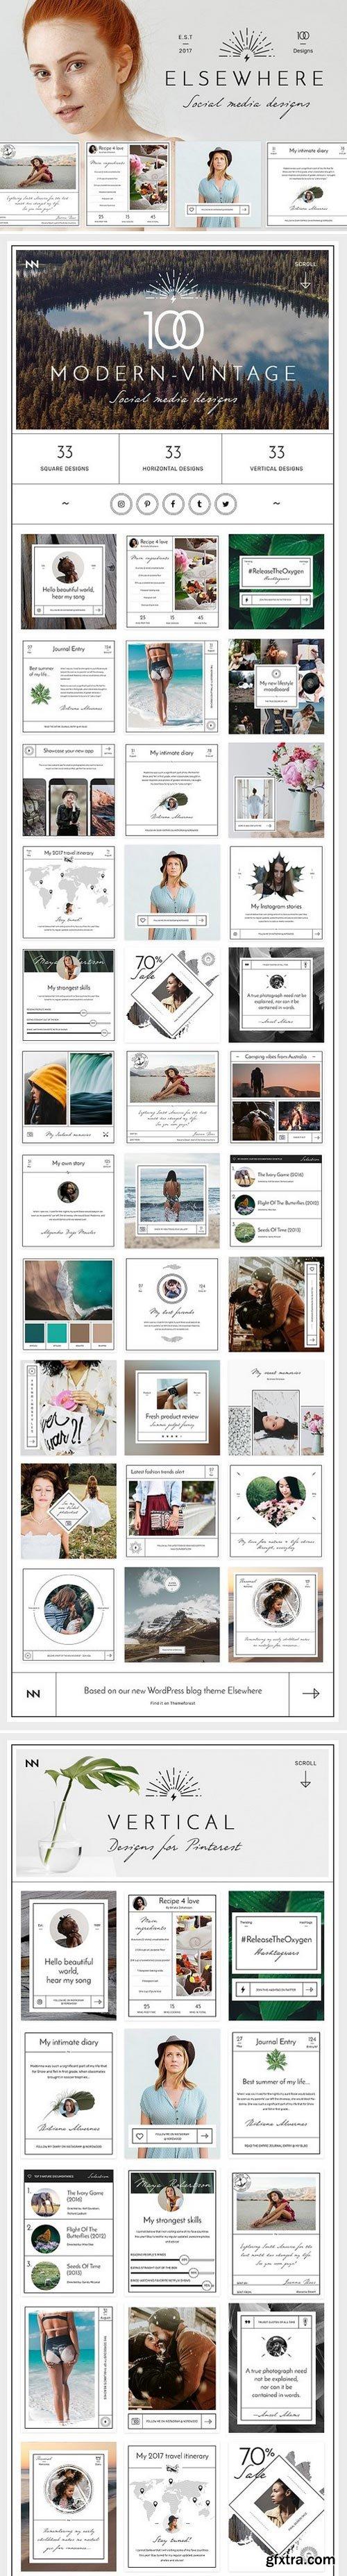 CM - Elsewhere Social Media Pack 1359350